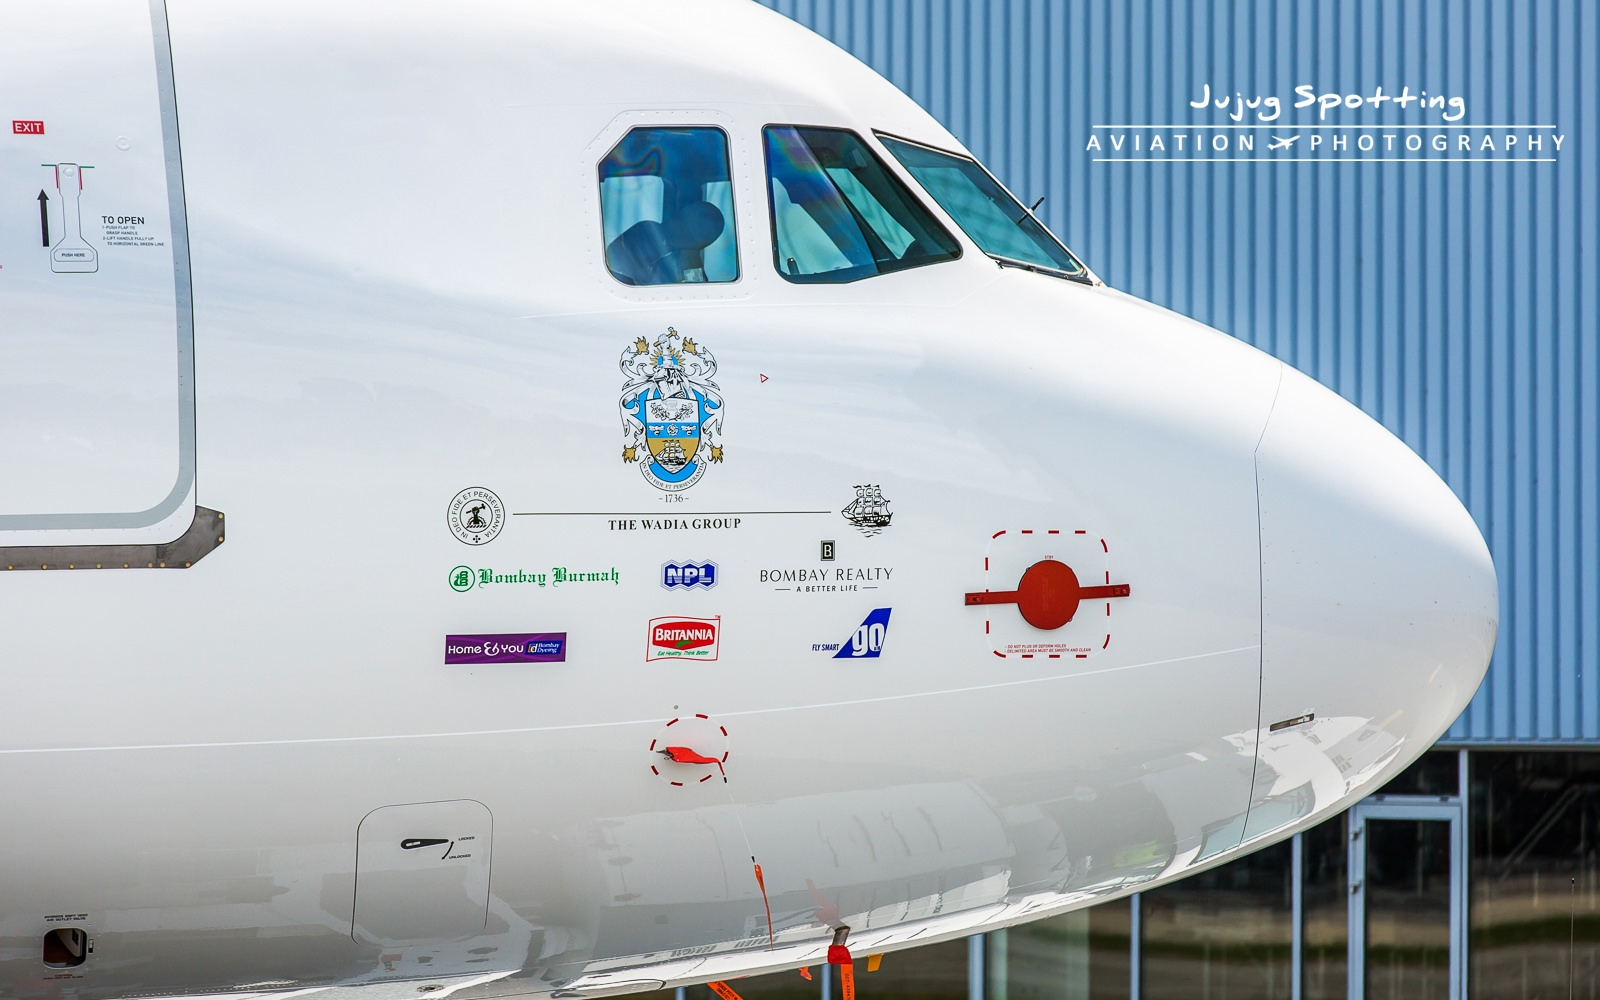 1st Airbus A320 NEO GoAir par ©Jujug Spotting– Tous droits réservés https://www.flickr.com/photos/jujug/with/27052918550/